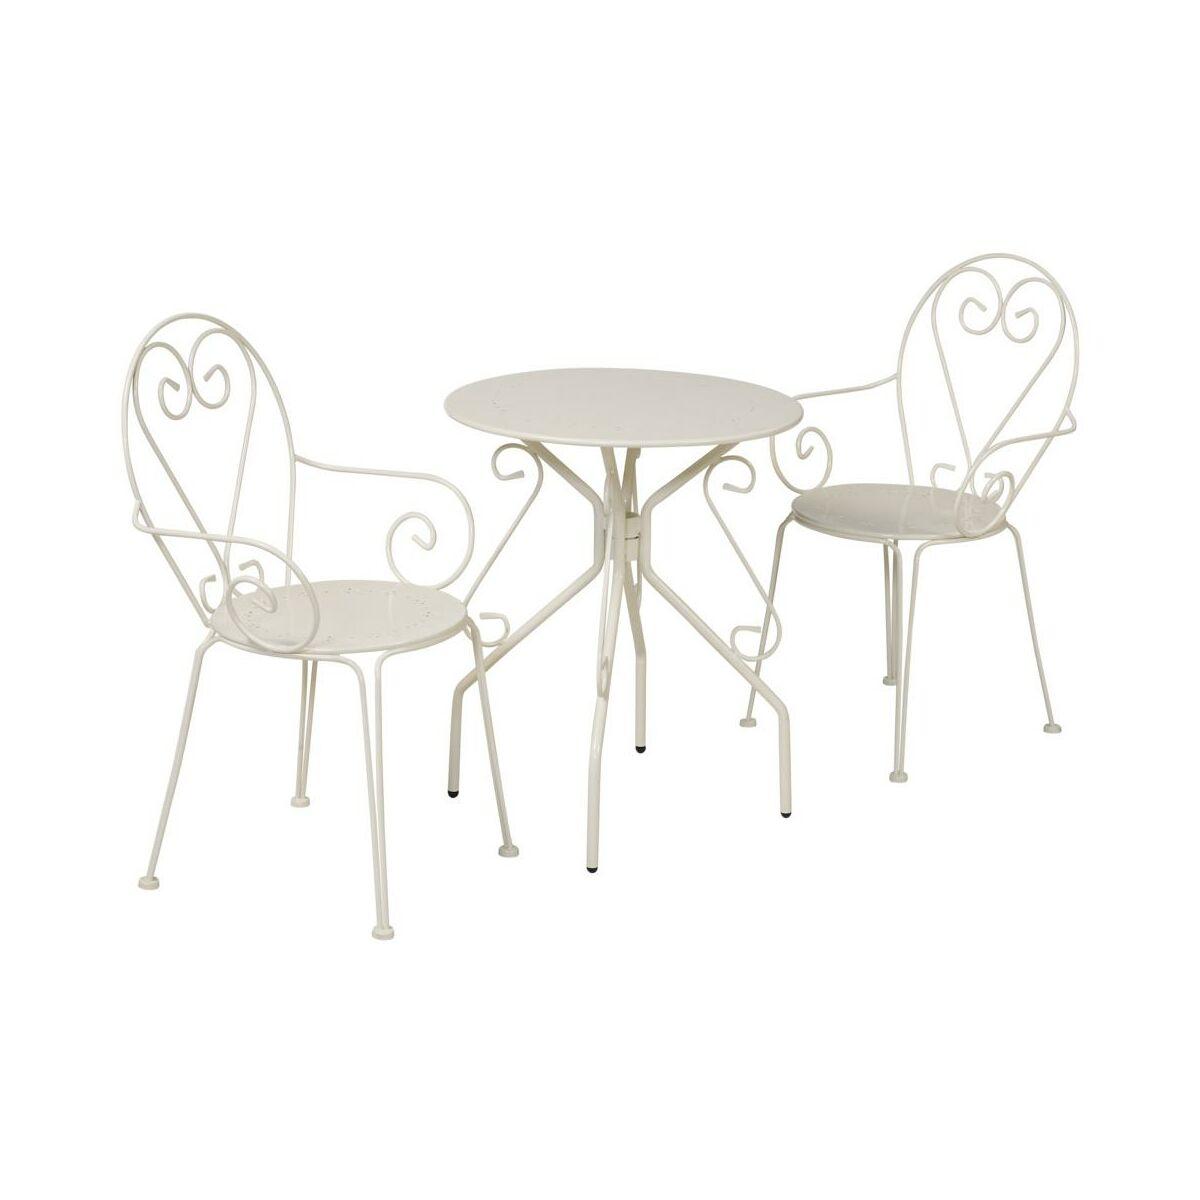 Krzeslo Ogrodowe Parma Stalowe Kremowe Krzesla Fotele Lawki Ogrodowe W Atrakcyjnej Cenie W Sklepach Leroy Merlin